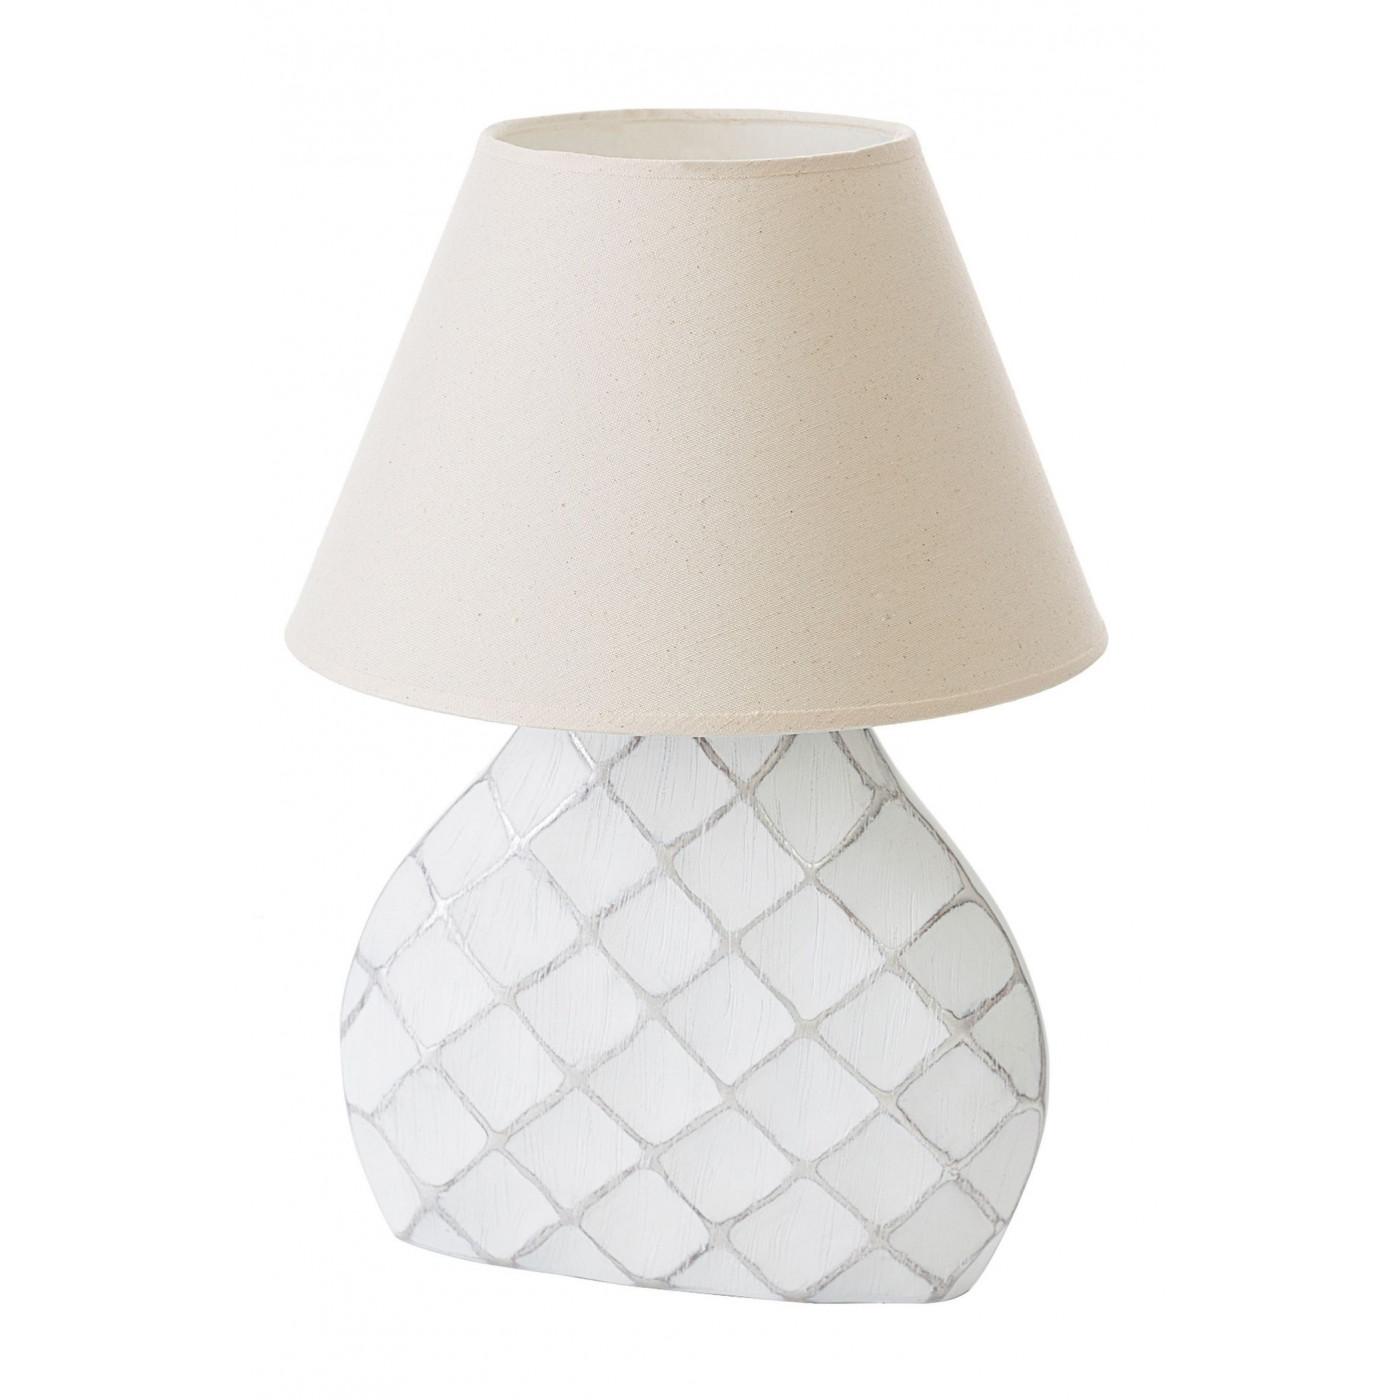 Lampa ceramiczna żłobiona podstawa z przetarciami 54 cm